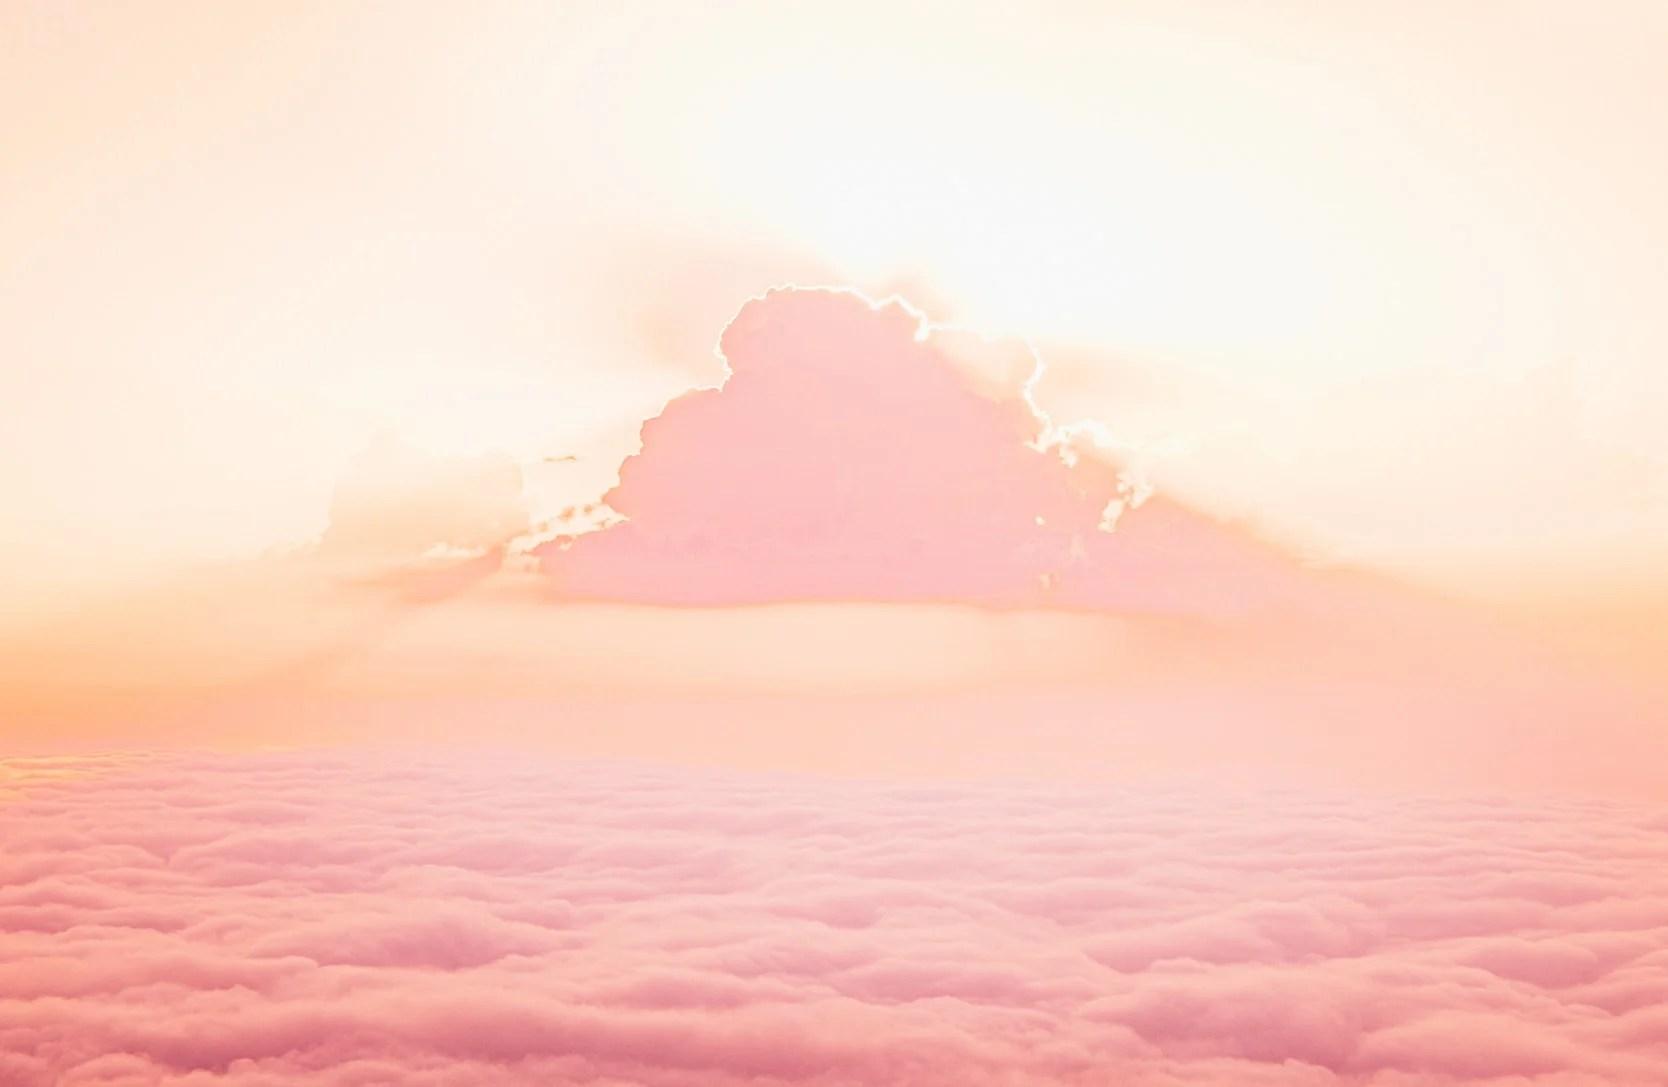 Gebet zum Schutz & Dank für das Leben – Ich bin Licht & Liebe